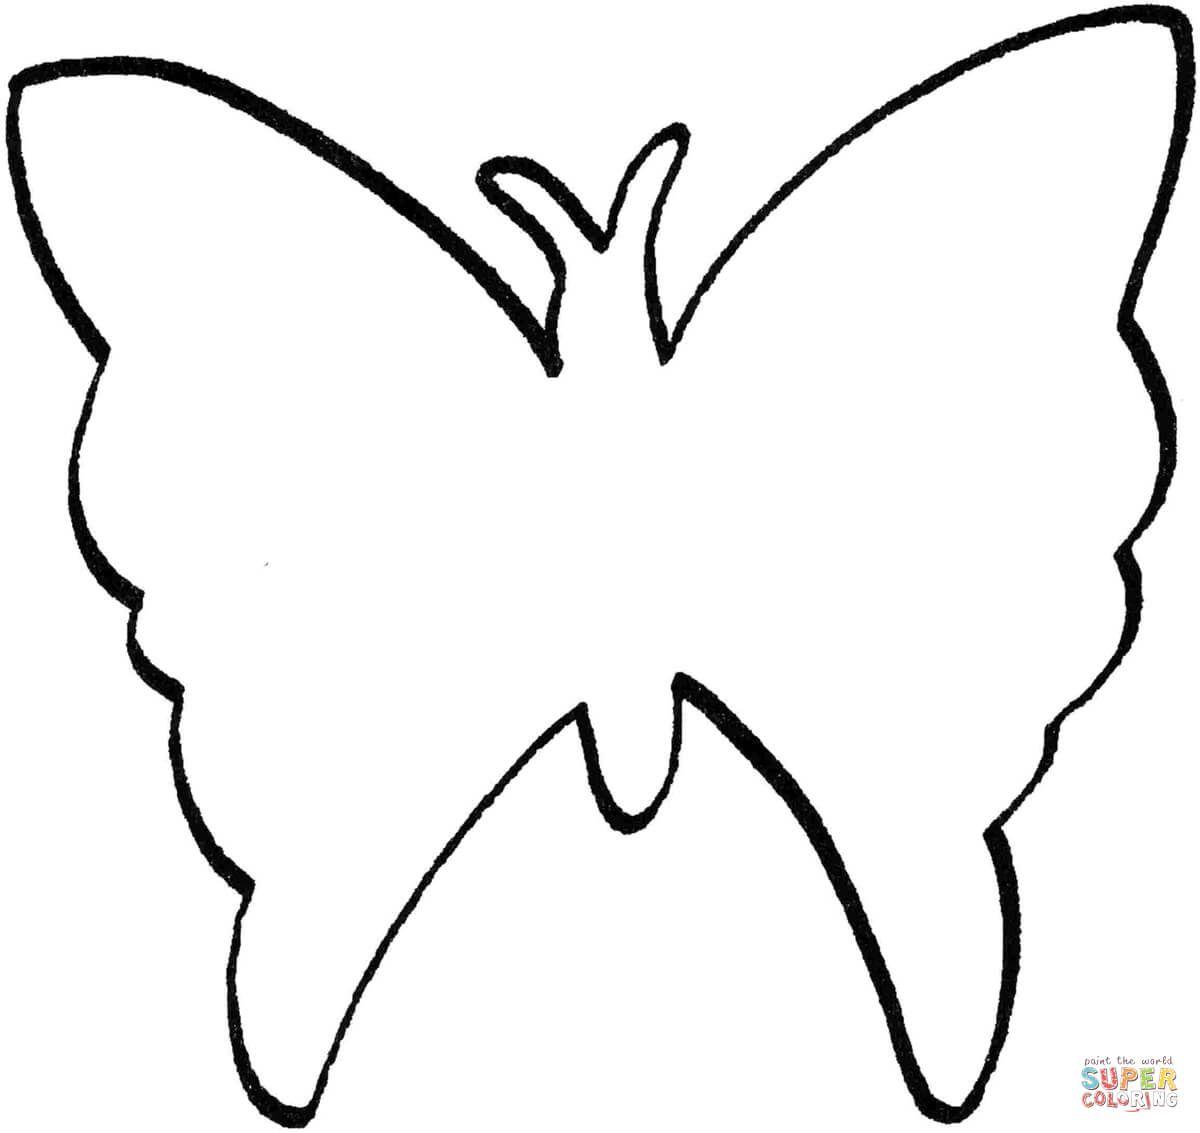 Resultado de imagen para mariposa silueta para colorear